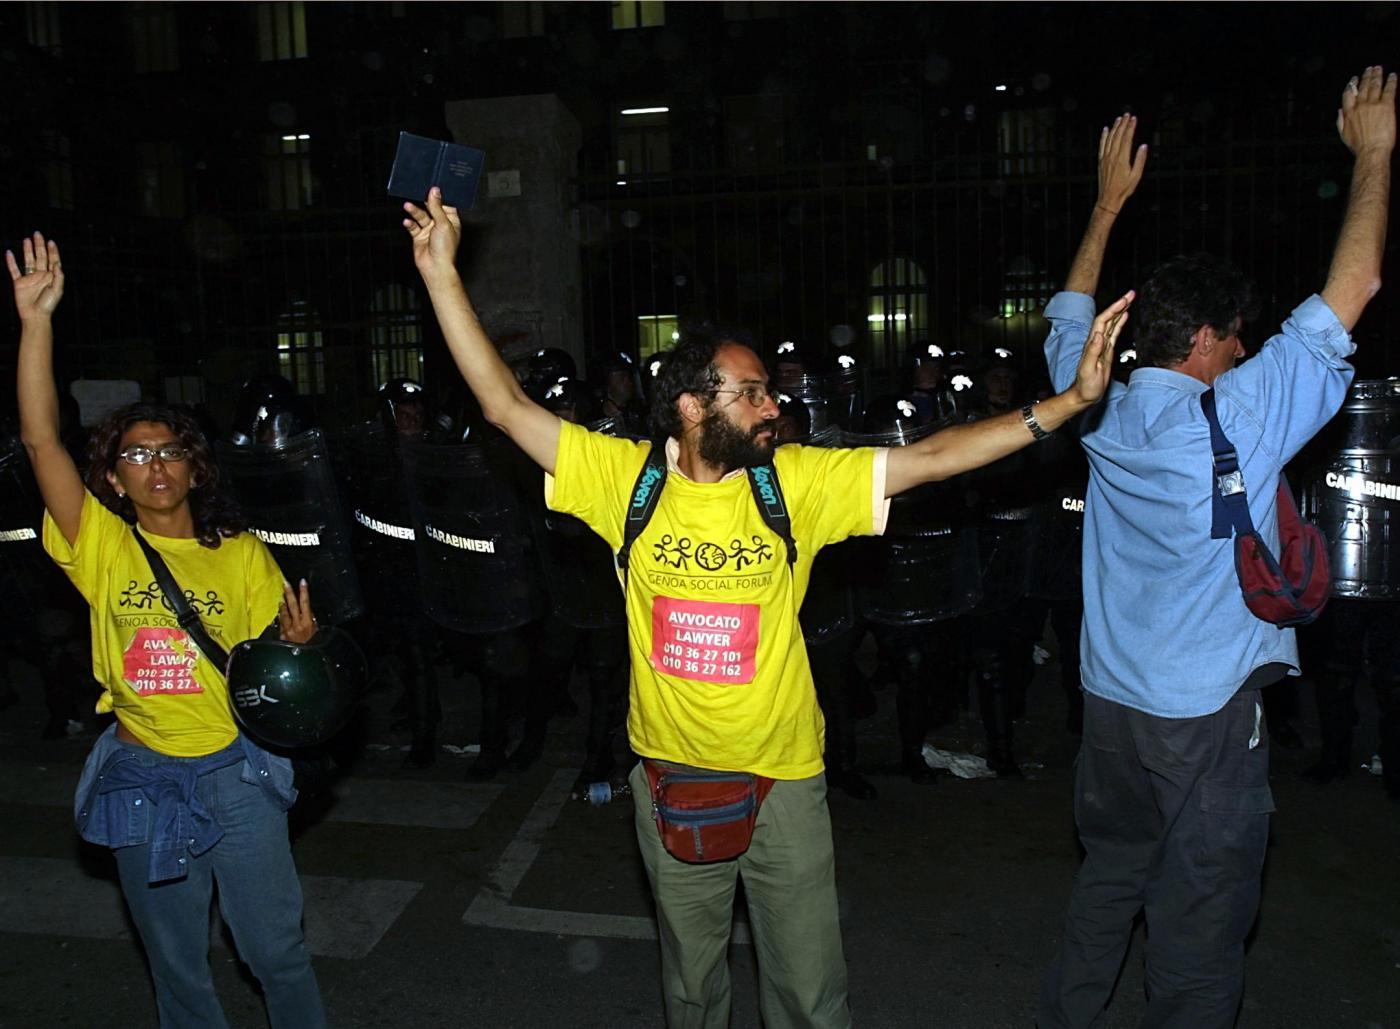 G8 di Genova, violenze nella caserma di Bolzaneto: lo Stato italiano risarcirà 6 vittime con 45mila euro ciascuno